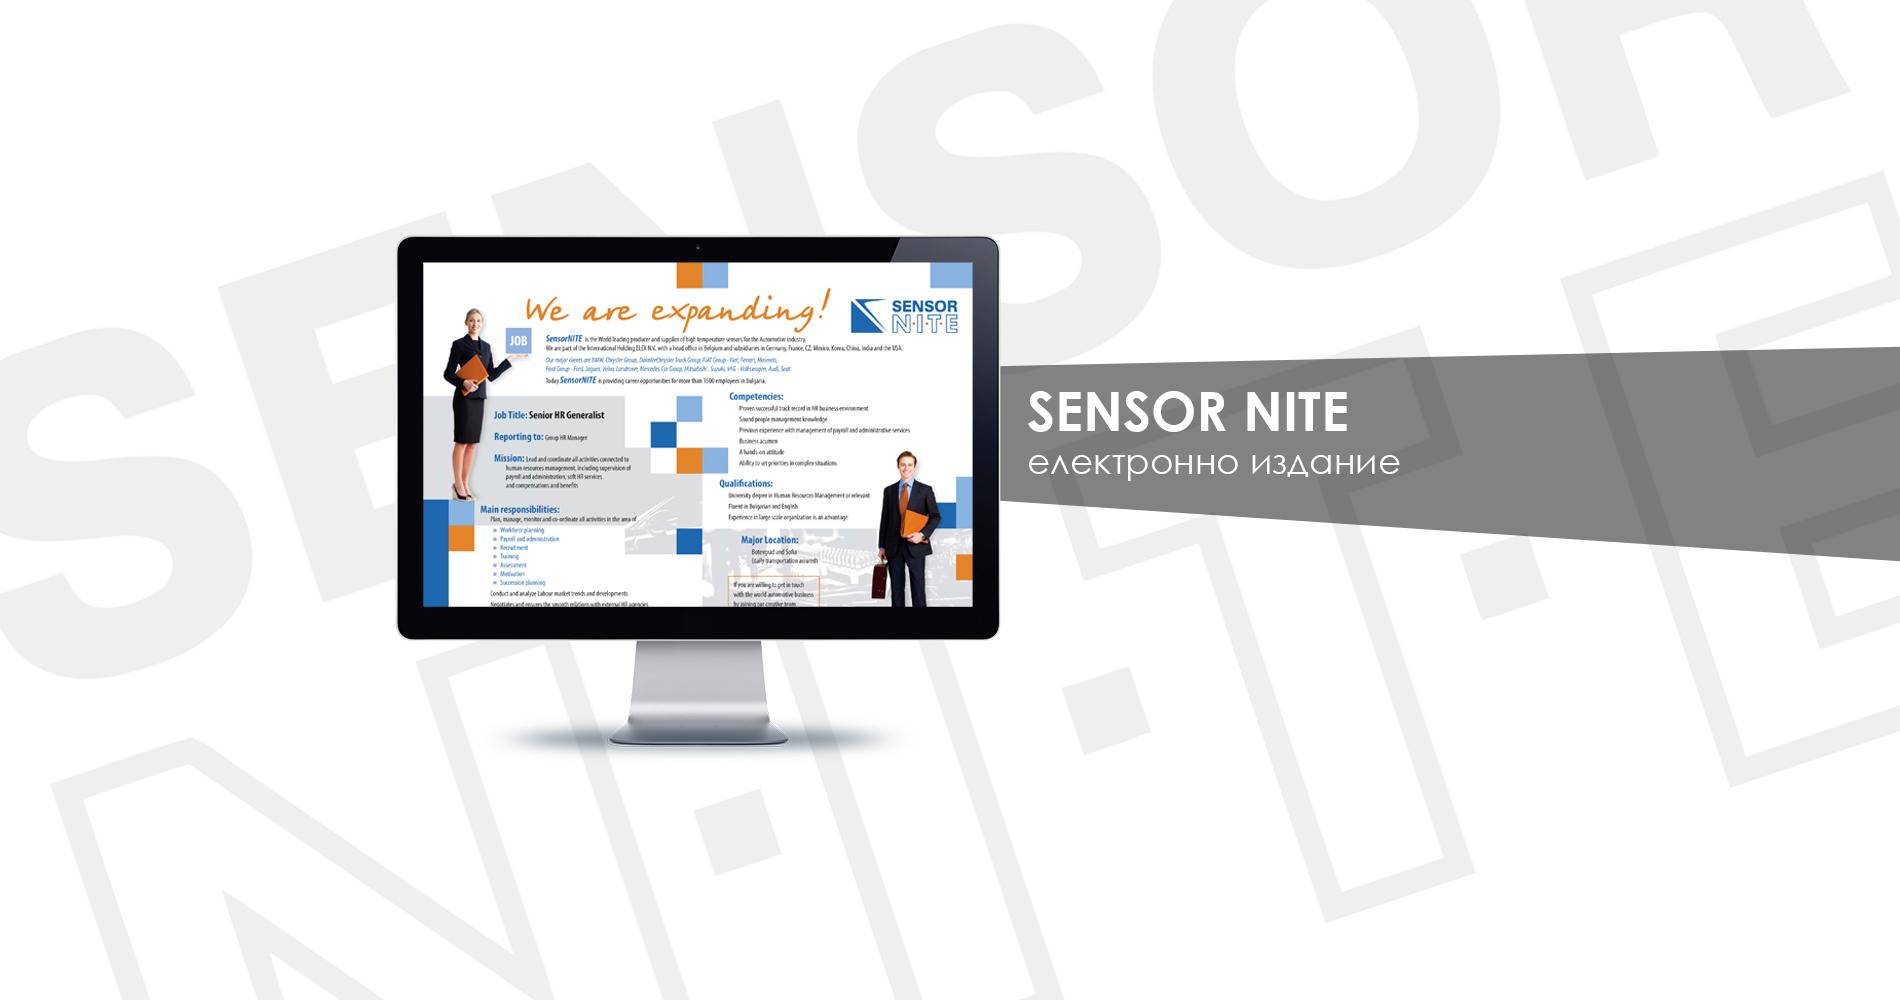 sensornite1